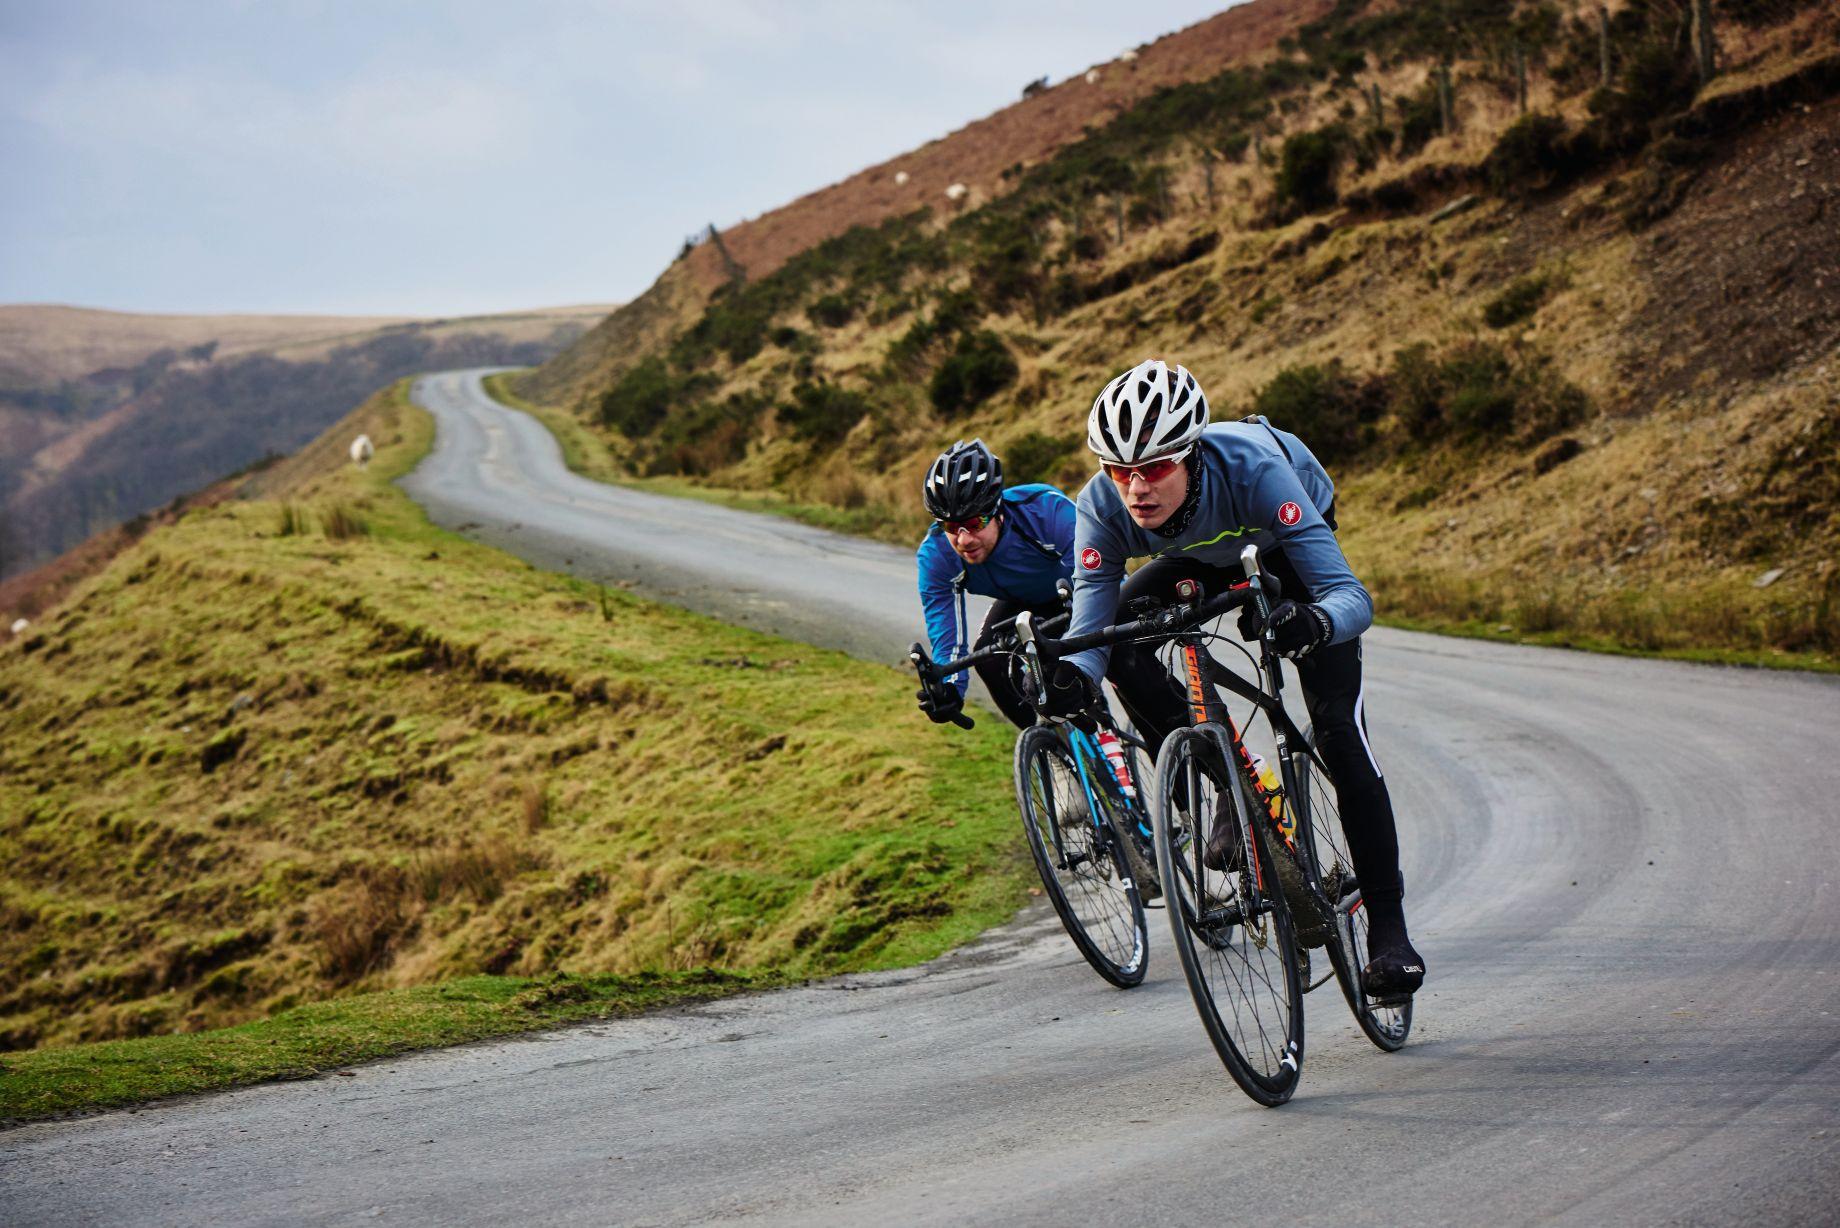 giant road bike versus giant e bike